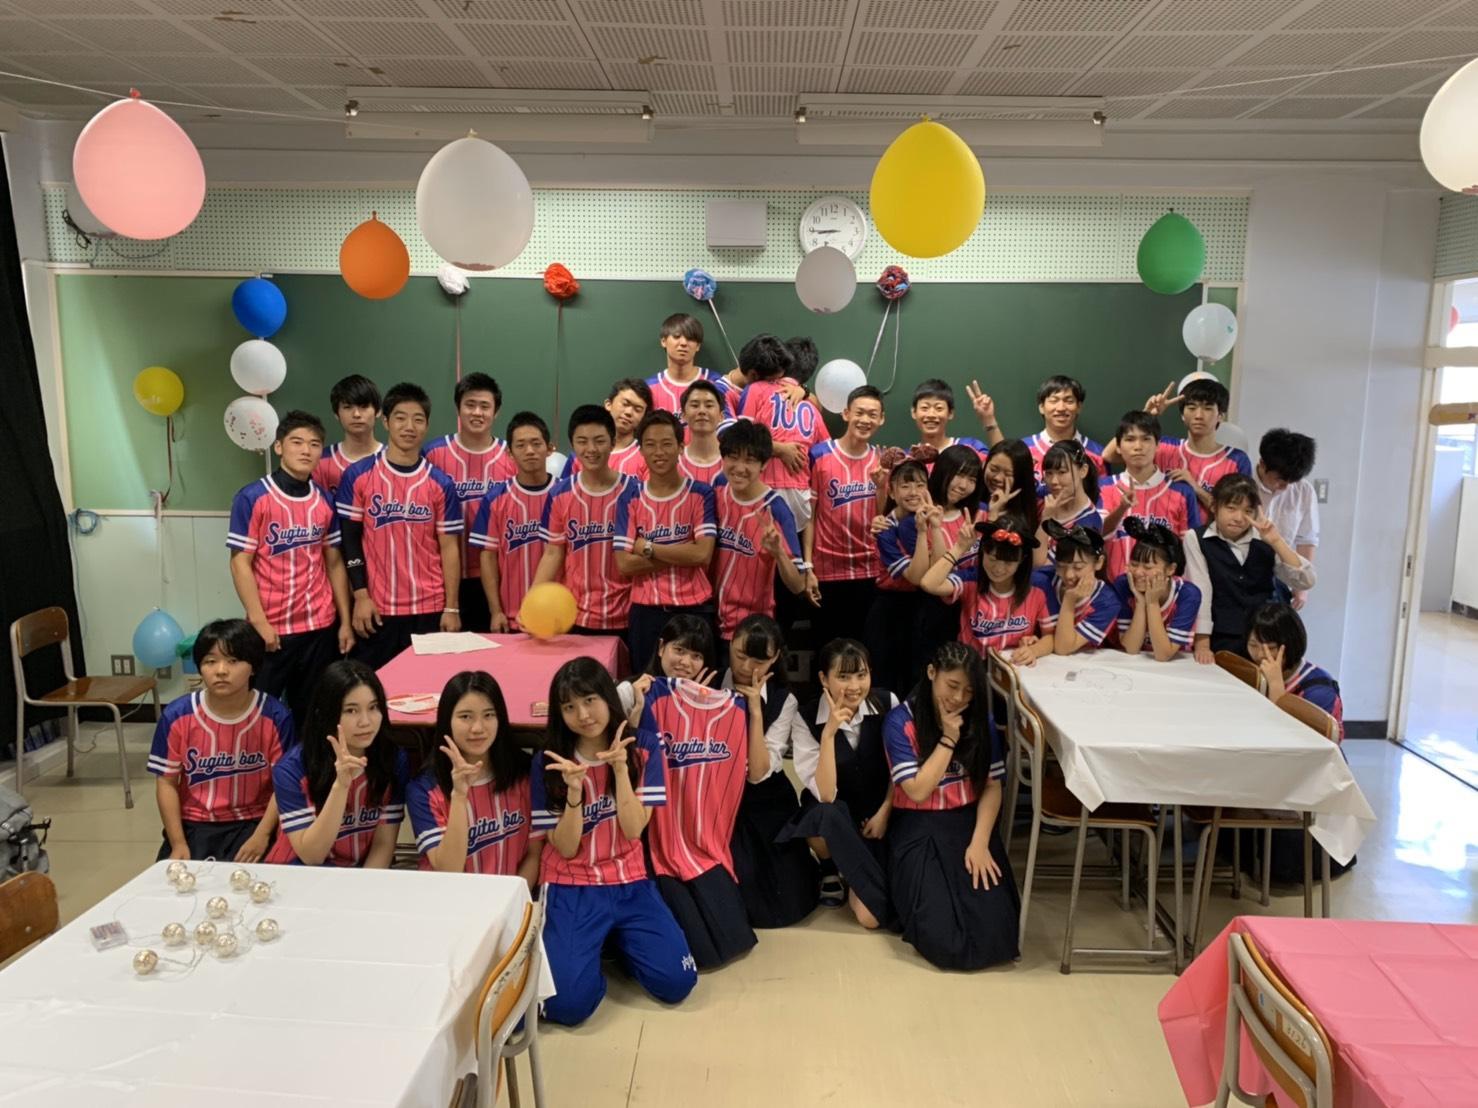 高校生クラスTシャツ2019所沢商業高校(3-1)様(デカプリMAX)